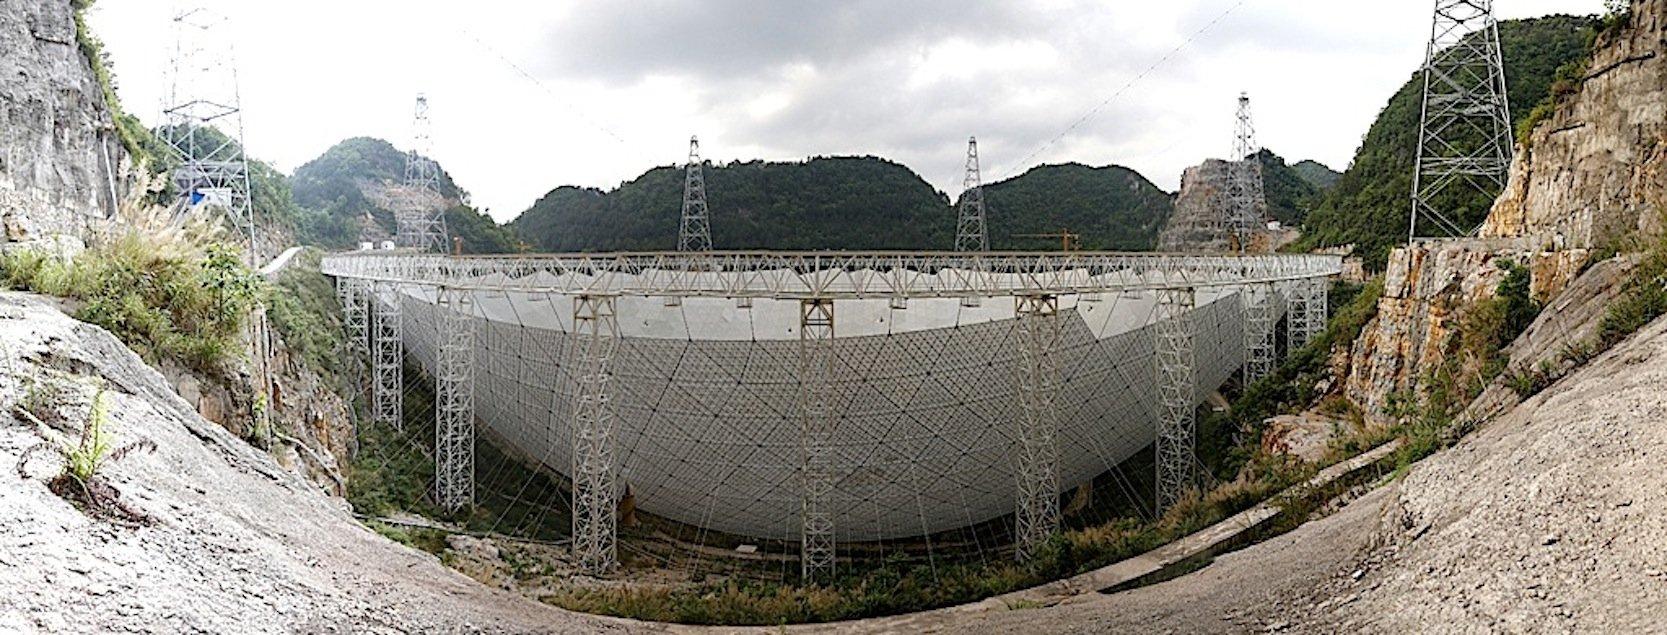 Blick von der Seite auf das im Bau befindliche Radioteleskop Fast in China.